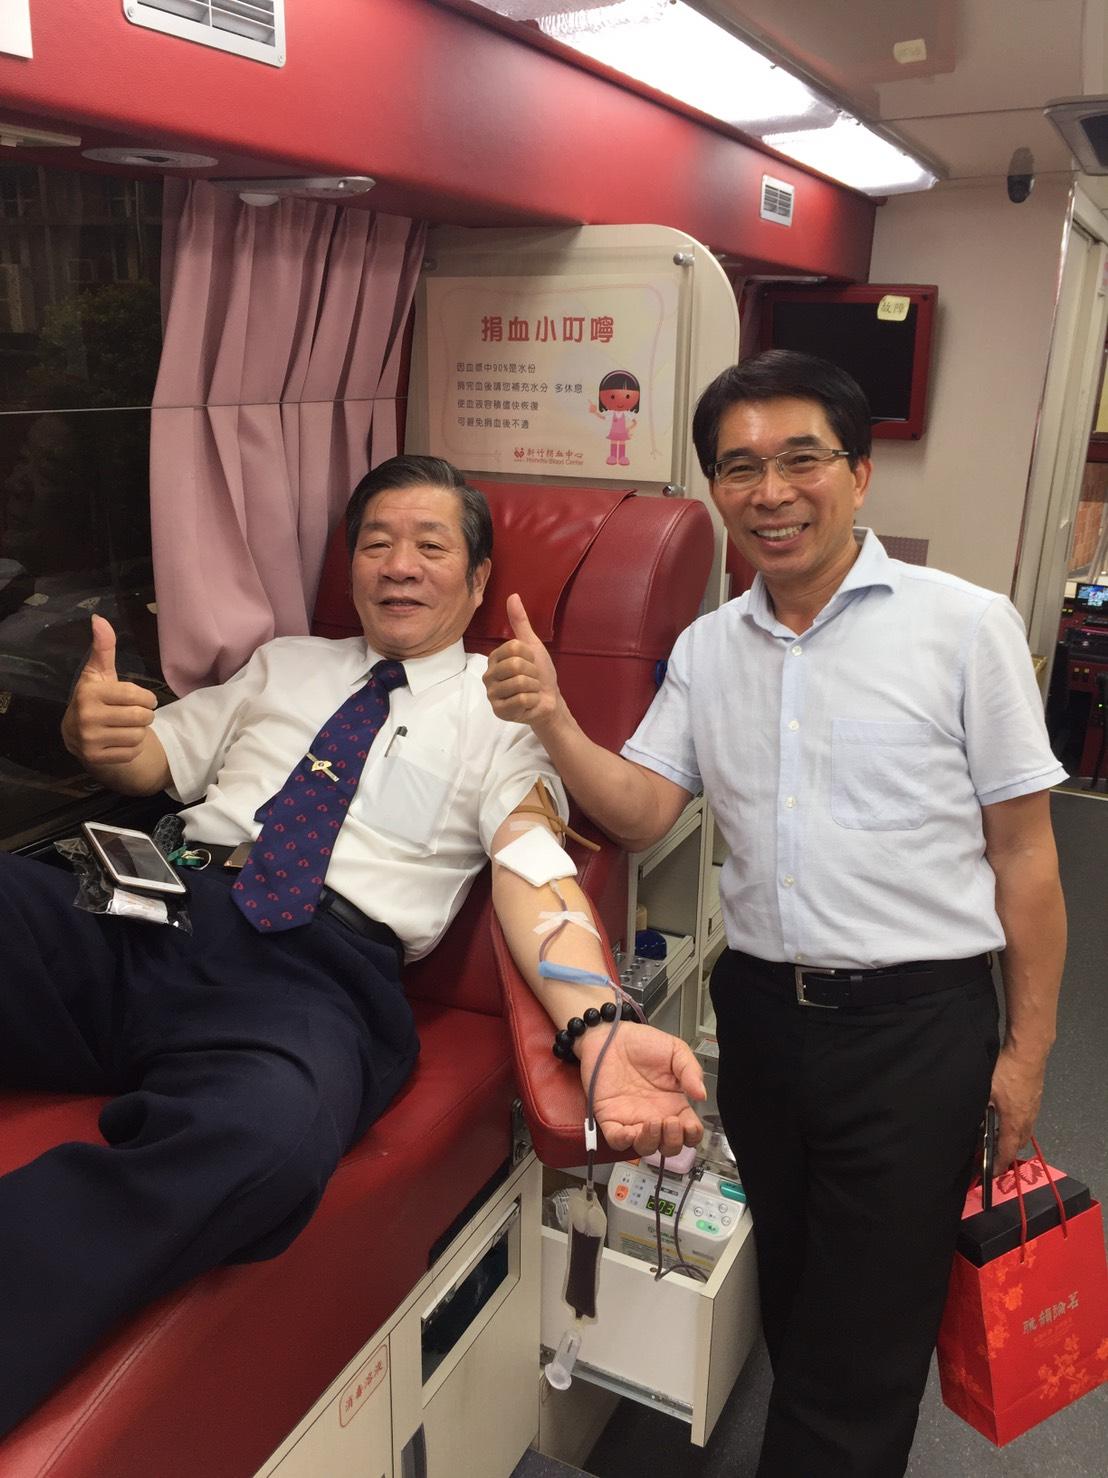 大興高級中學董事長以及校長熱情鼓勵師生捐血